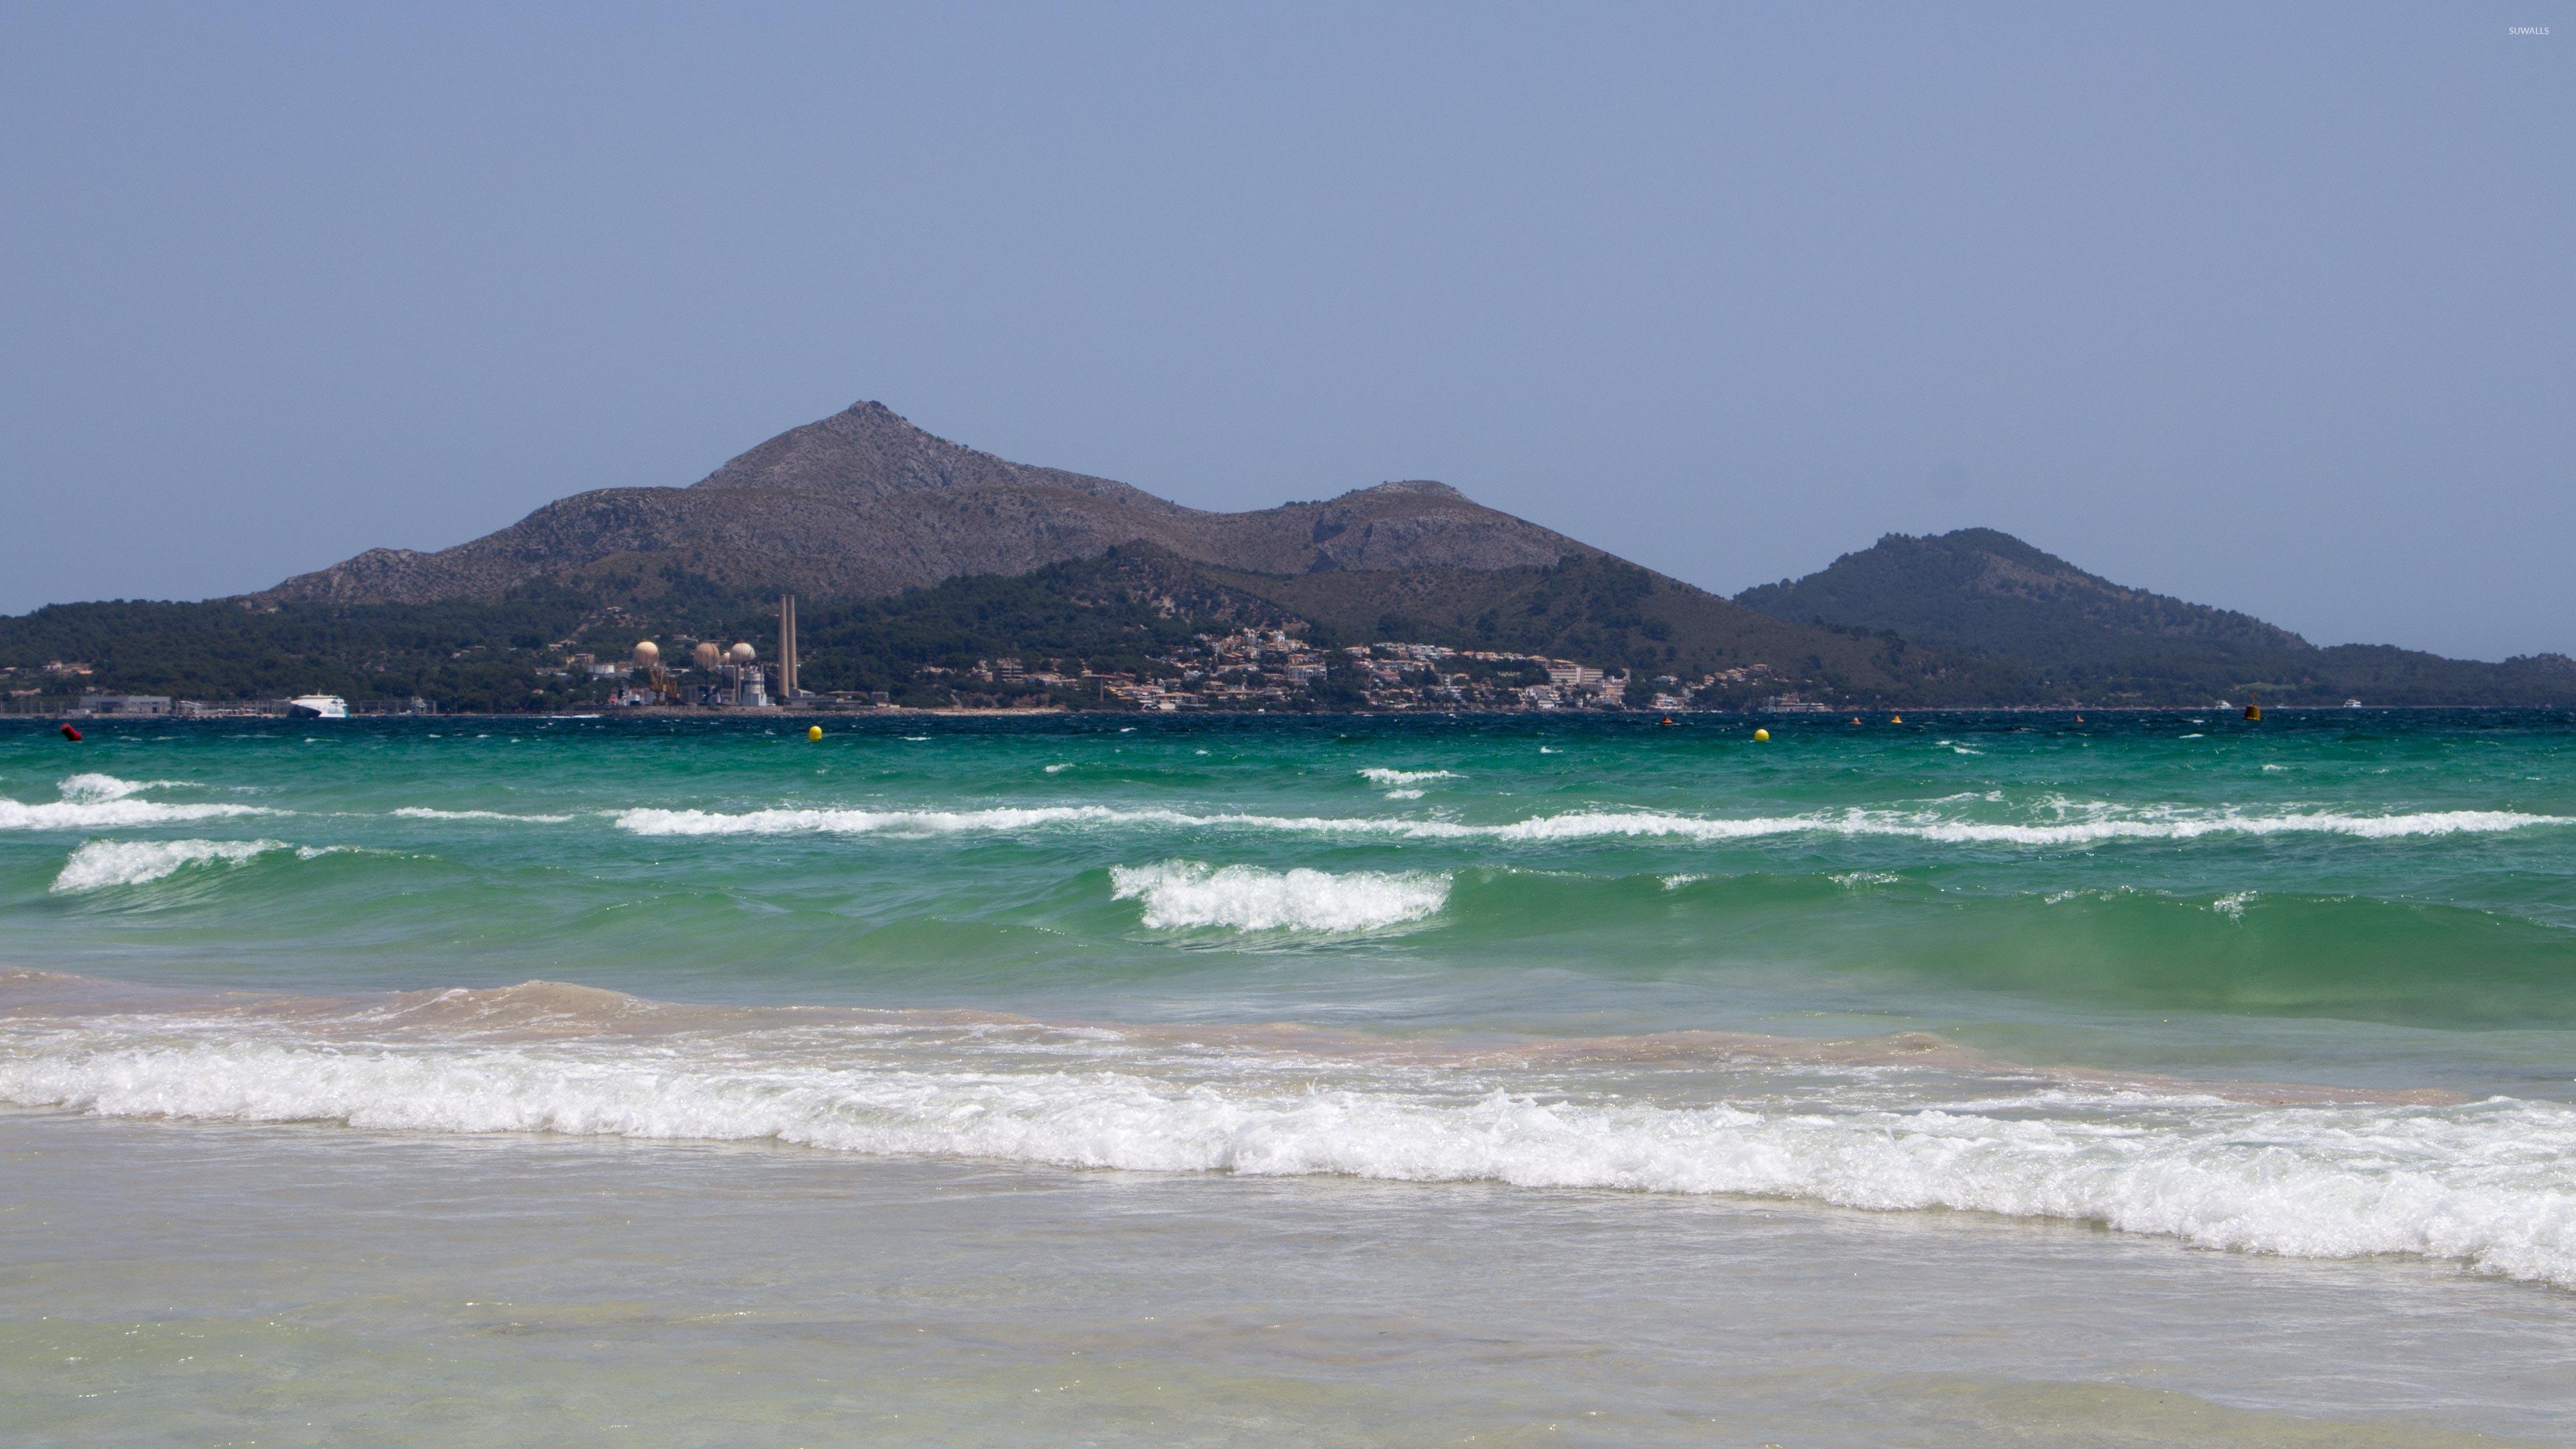 Playa de Muro beach wallpaper - Beach wallpapers - #48334